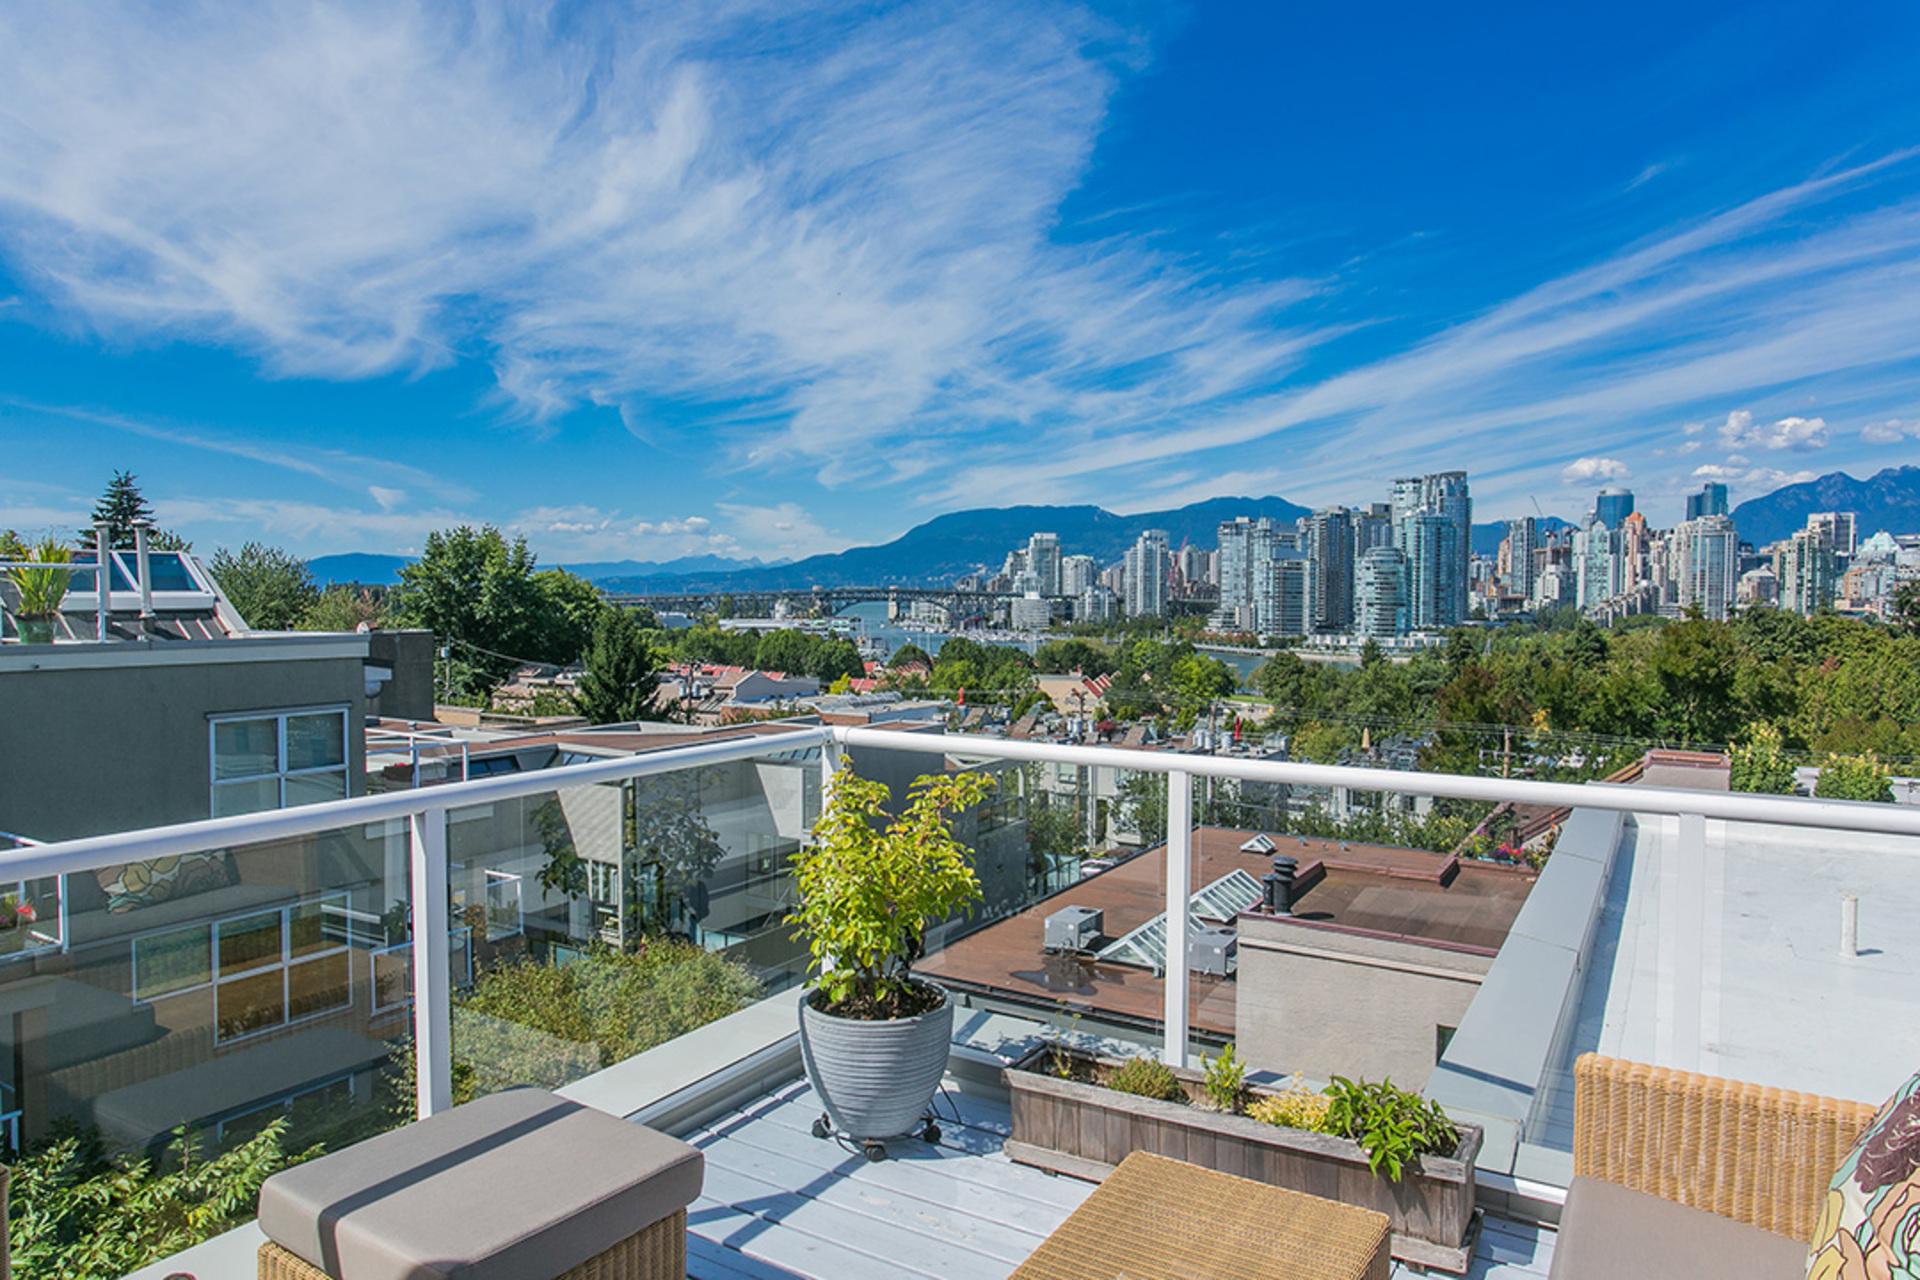 1j6a5114 at 303 - 933 West 8th Avenue, Fairview VW, Vancouver West